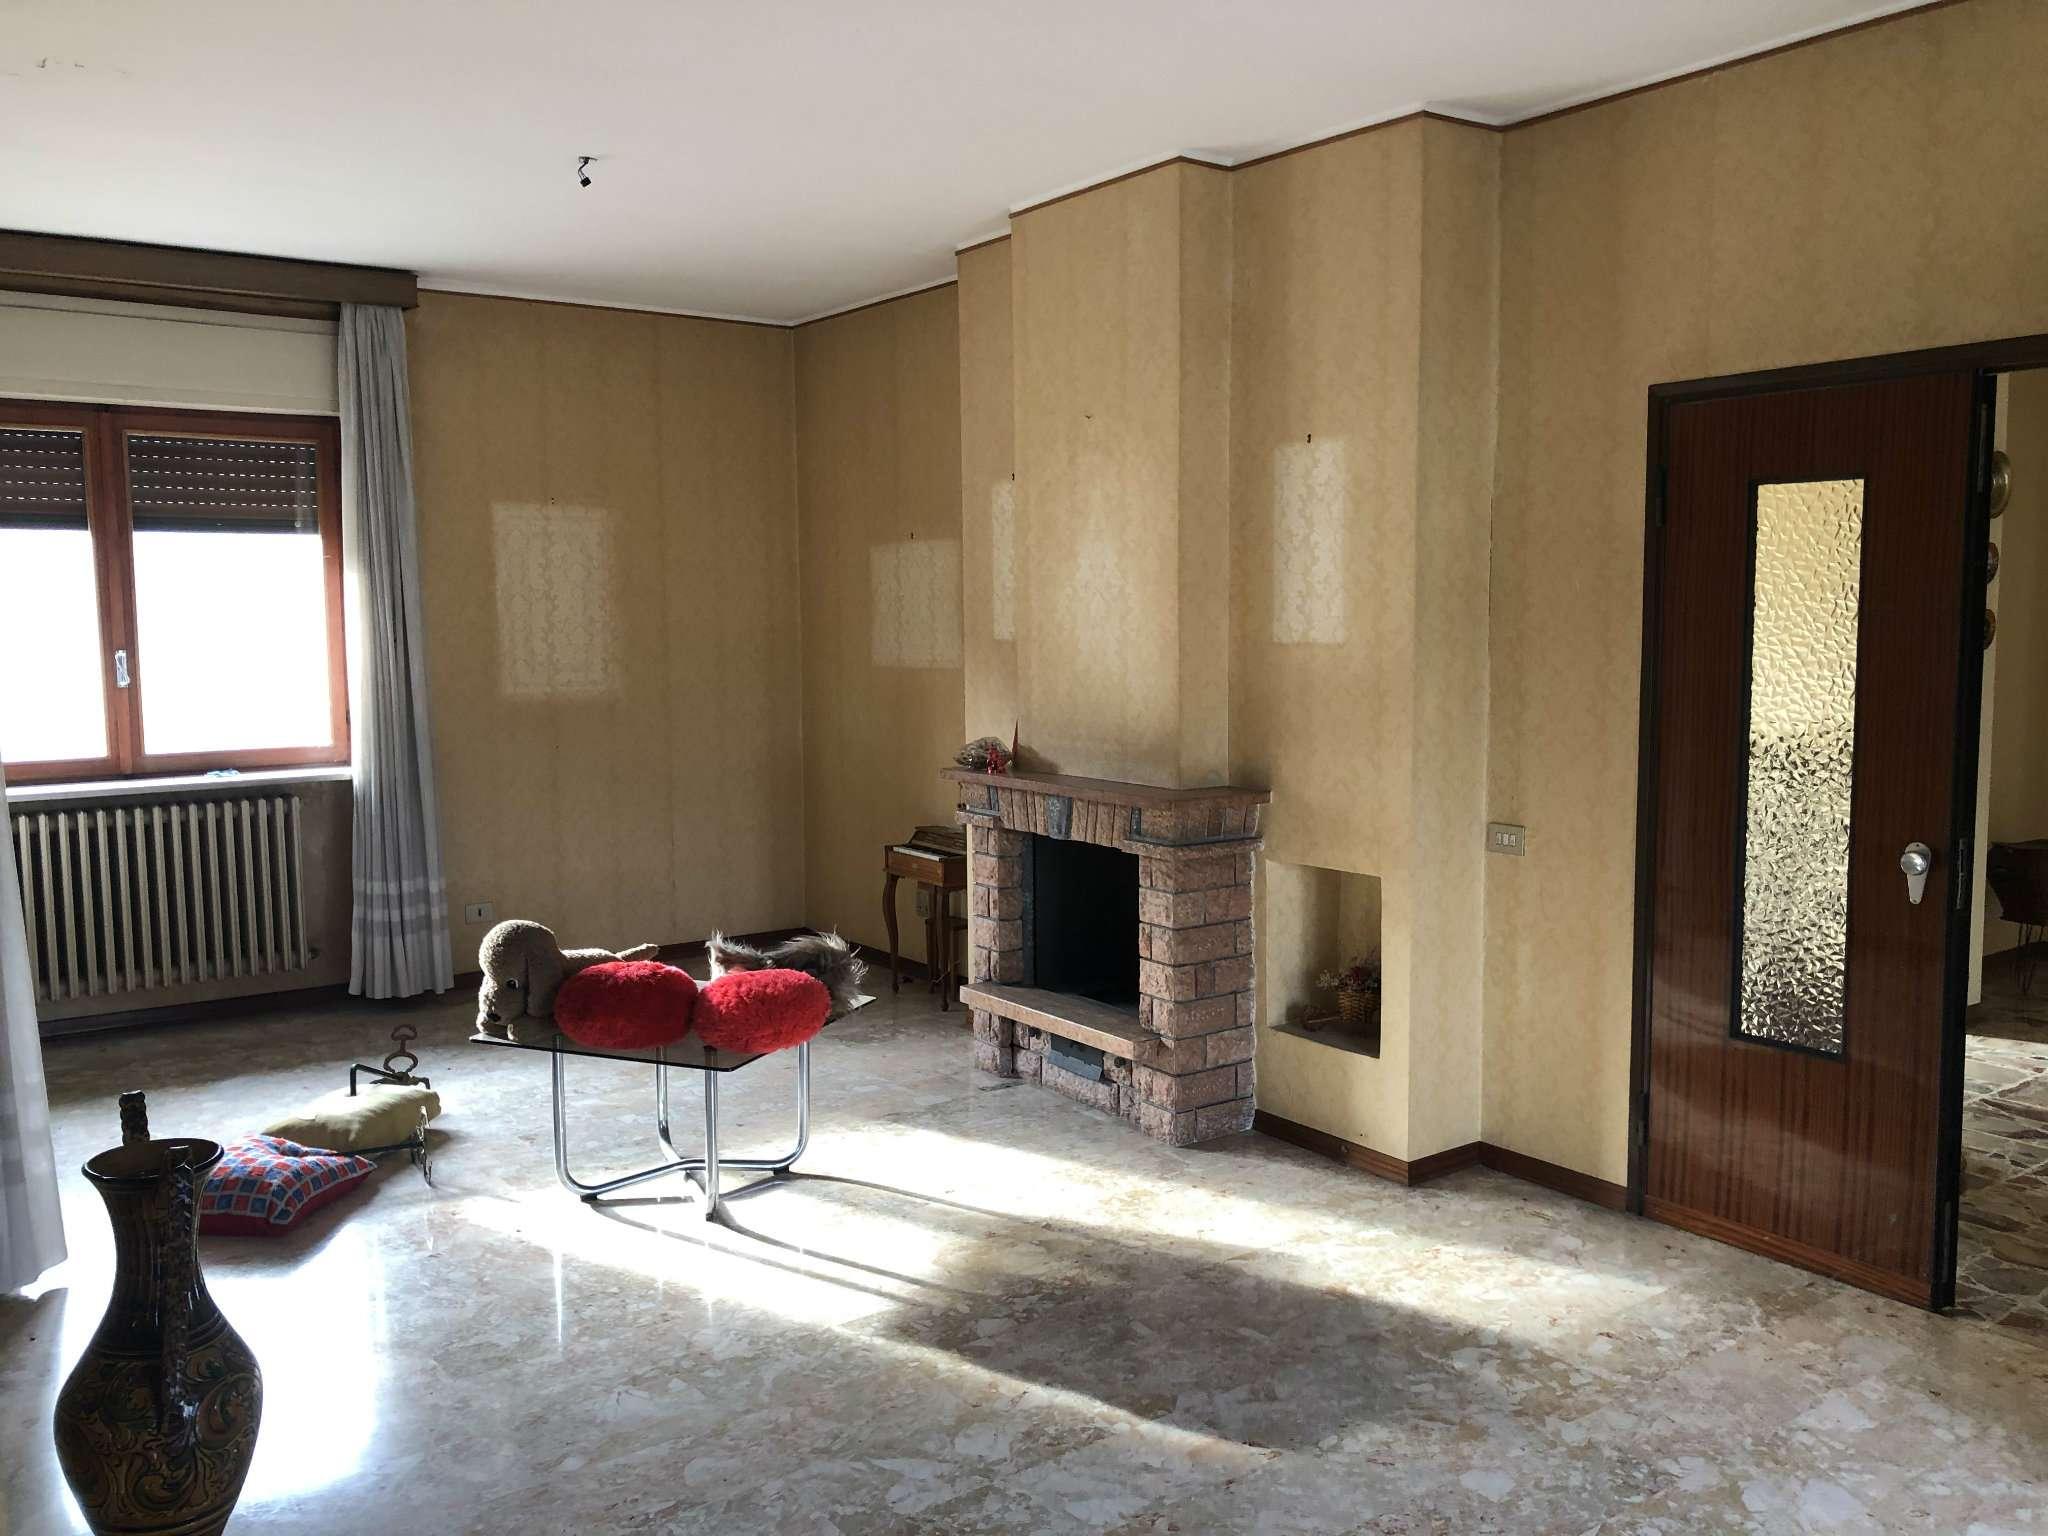 Appartamento in vendita a Brebbia, 8 locali, prezzo € 320.000 | CambioCasa.it